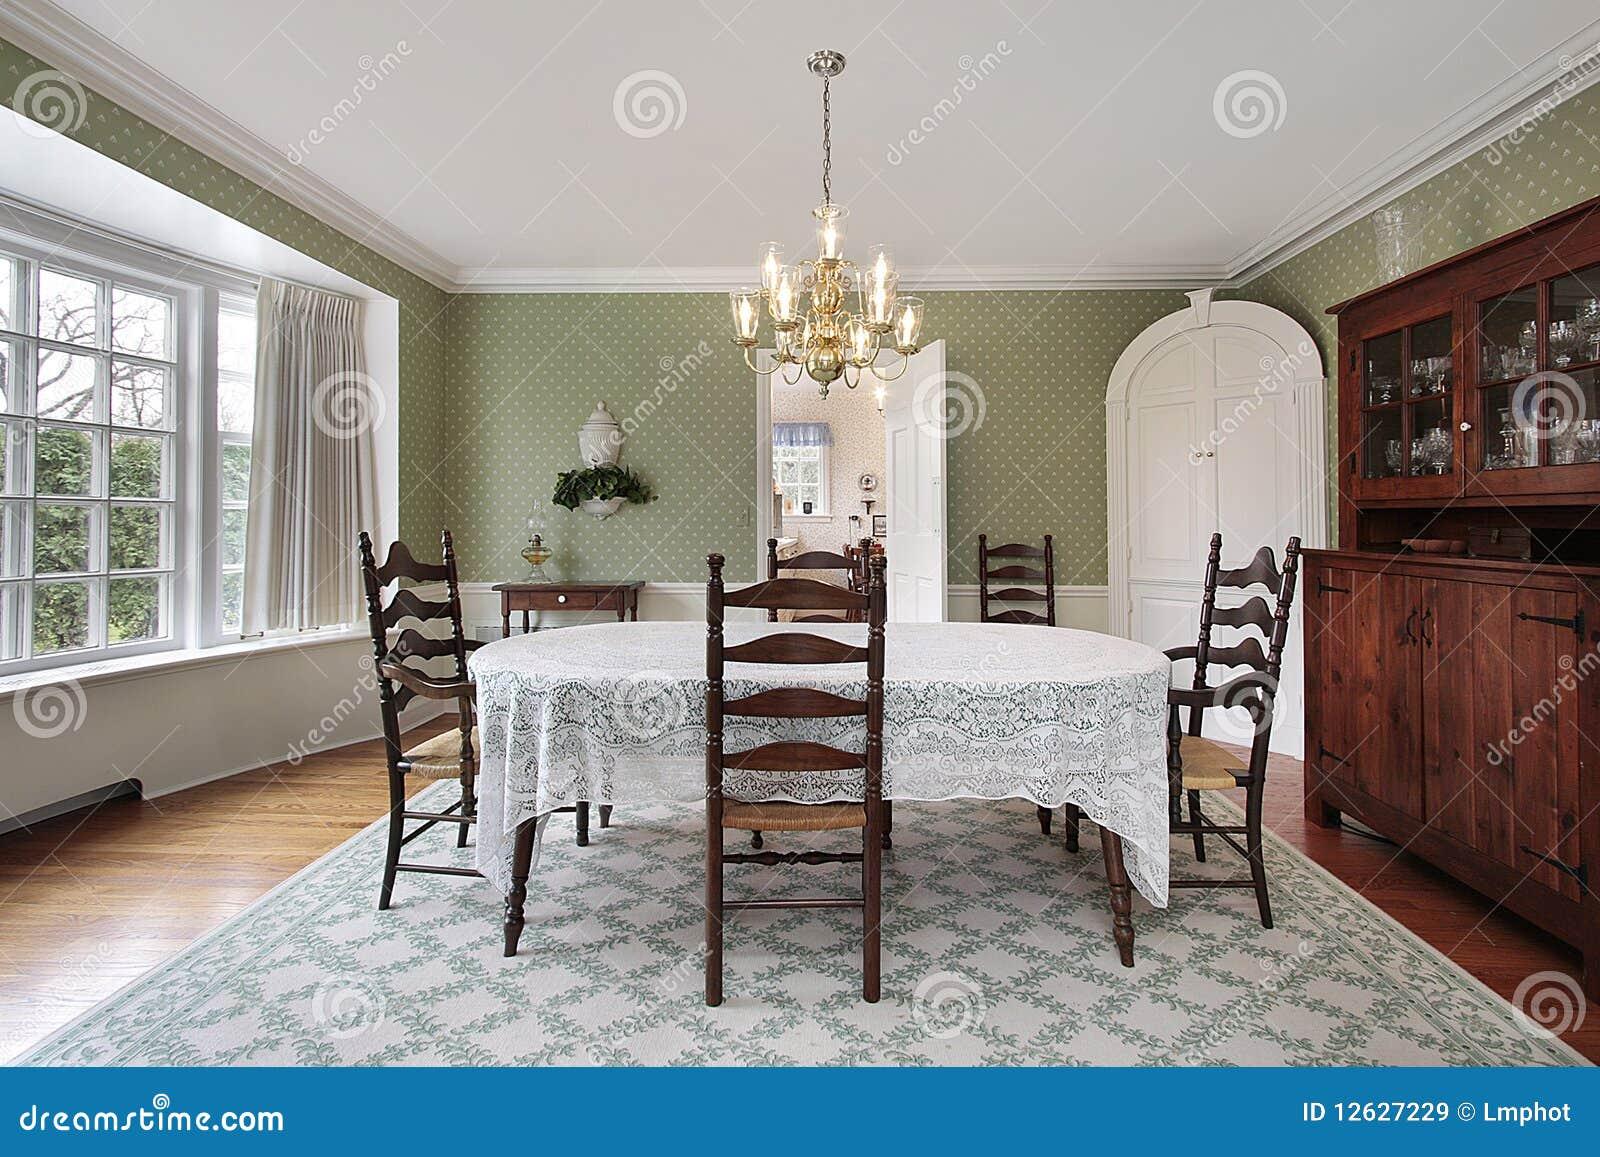 Eetkamer met gebogen erker stock afbeelding afbeelding bestaande uit tapijt 12627229 - Tapijt eetkamer ...